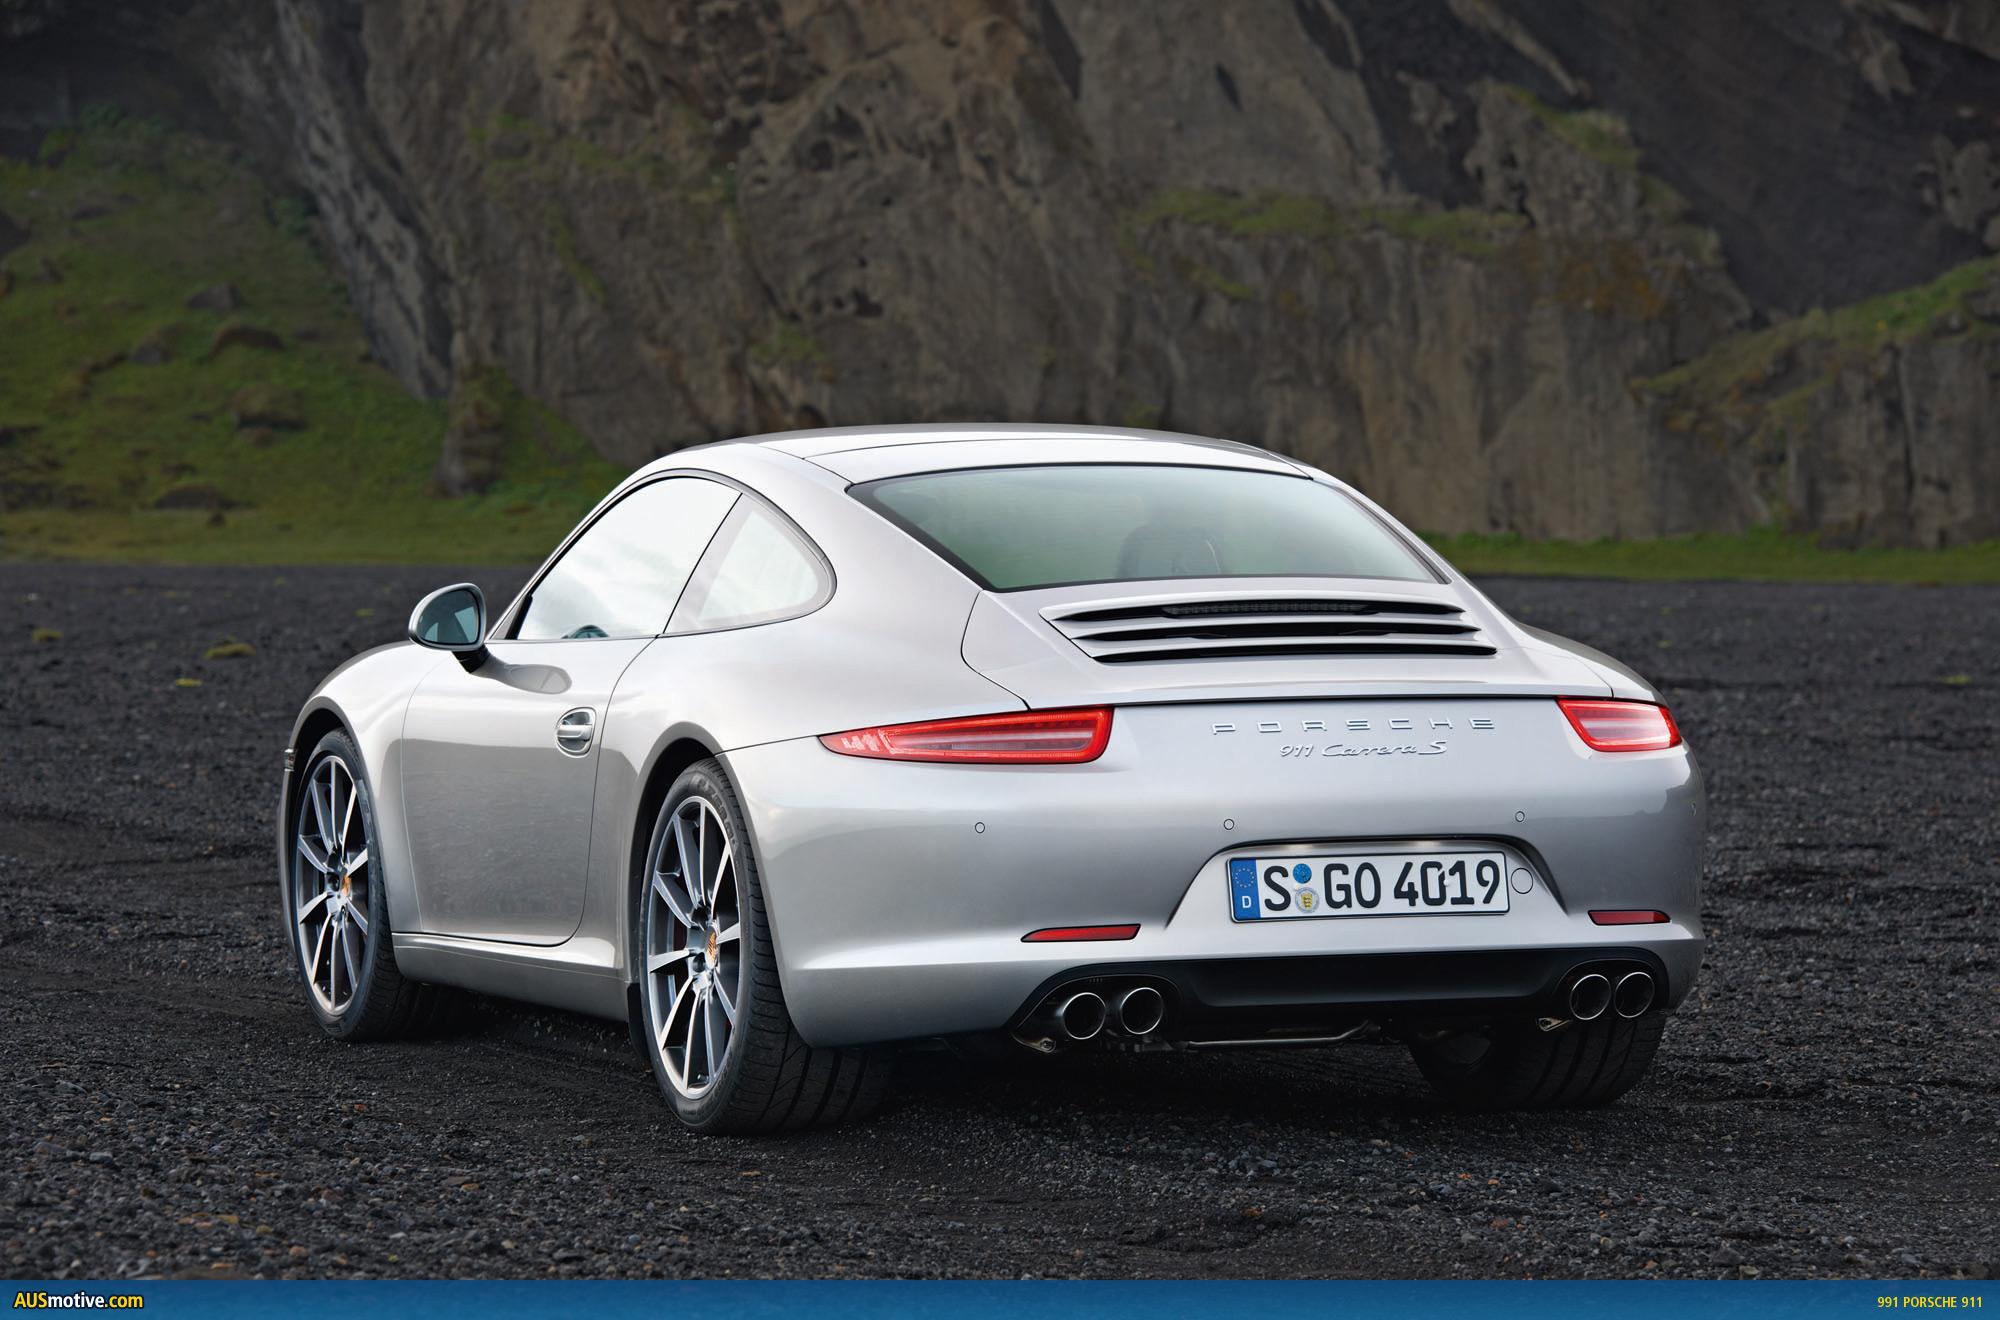 991 Porsche 911 Image Gallery